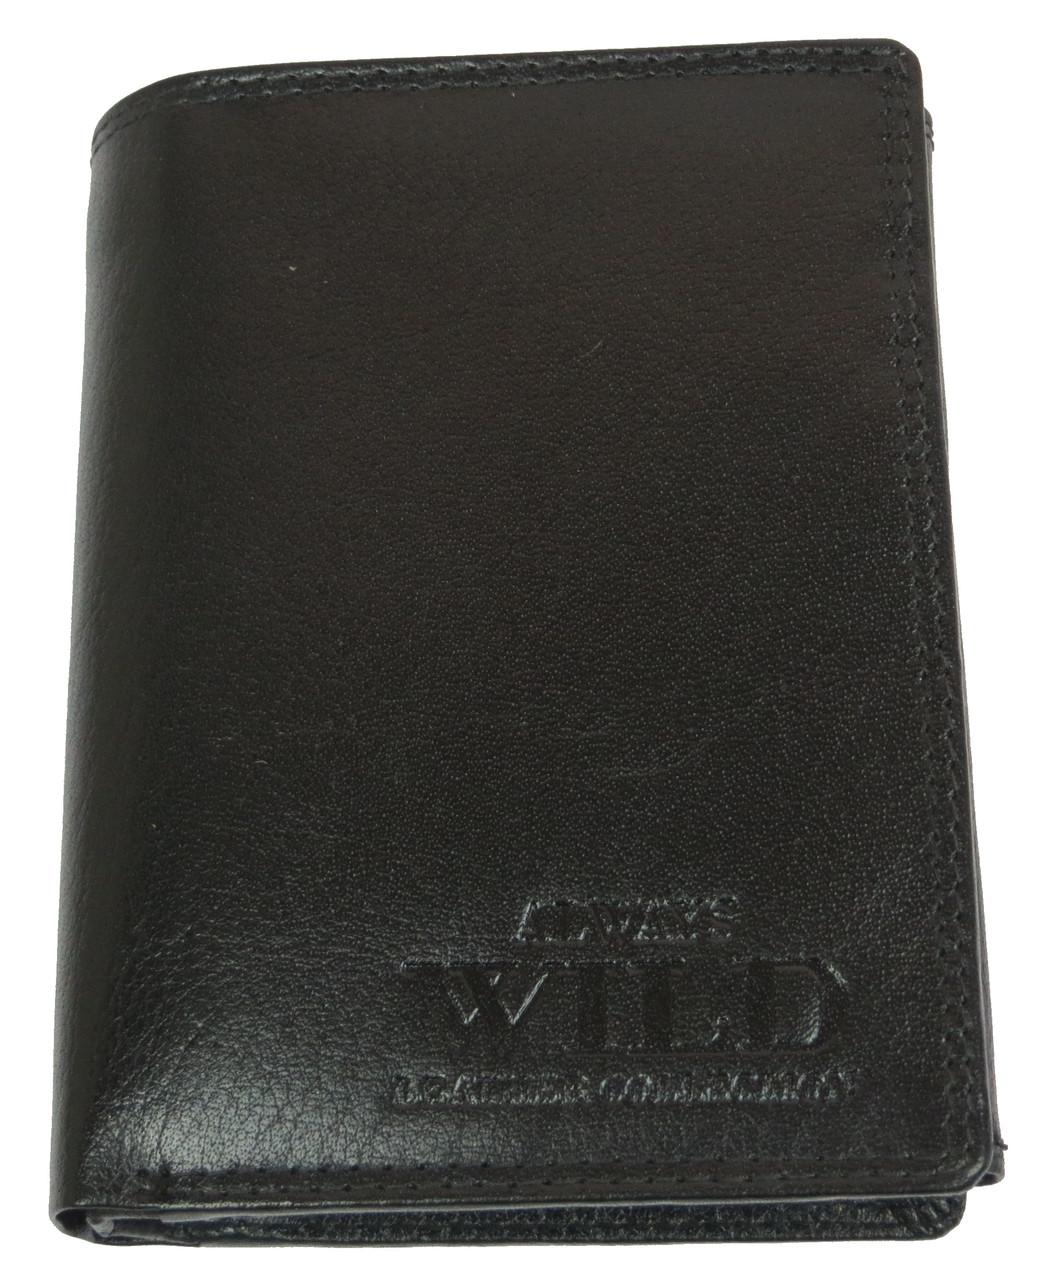 Вертикальное кожаное мужское портмоне ALWAYS WILD SN4BABP черный